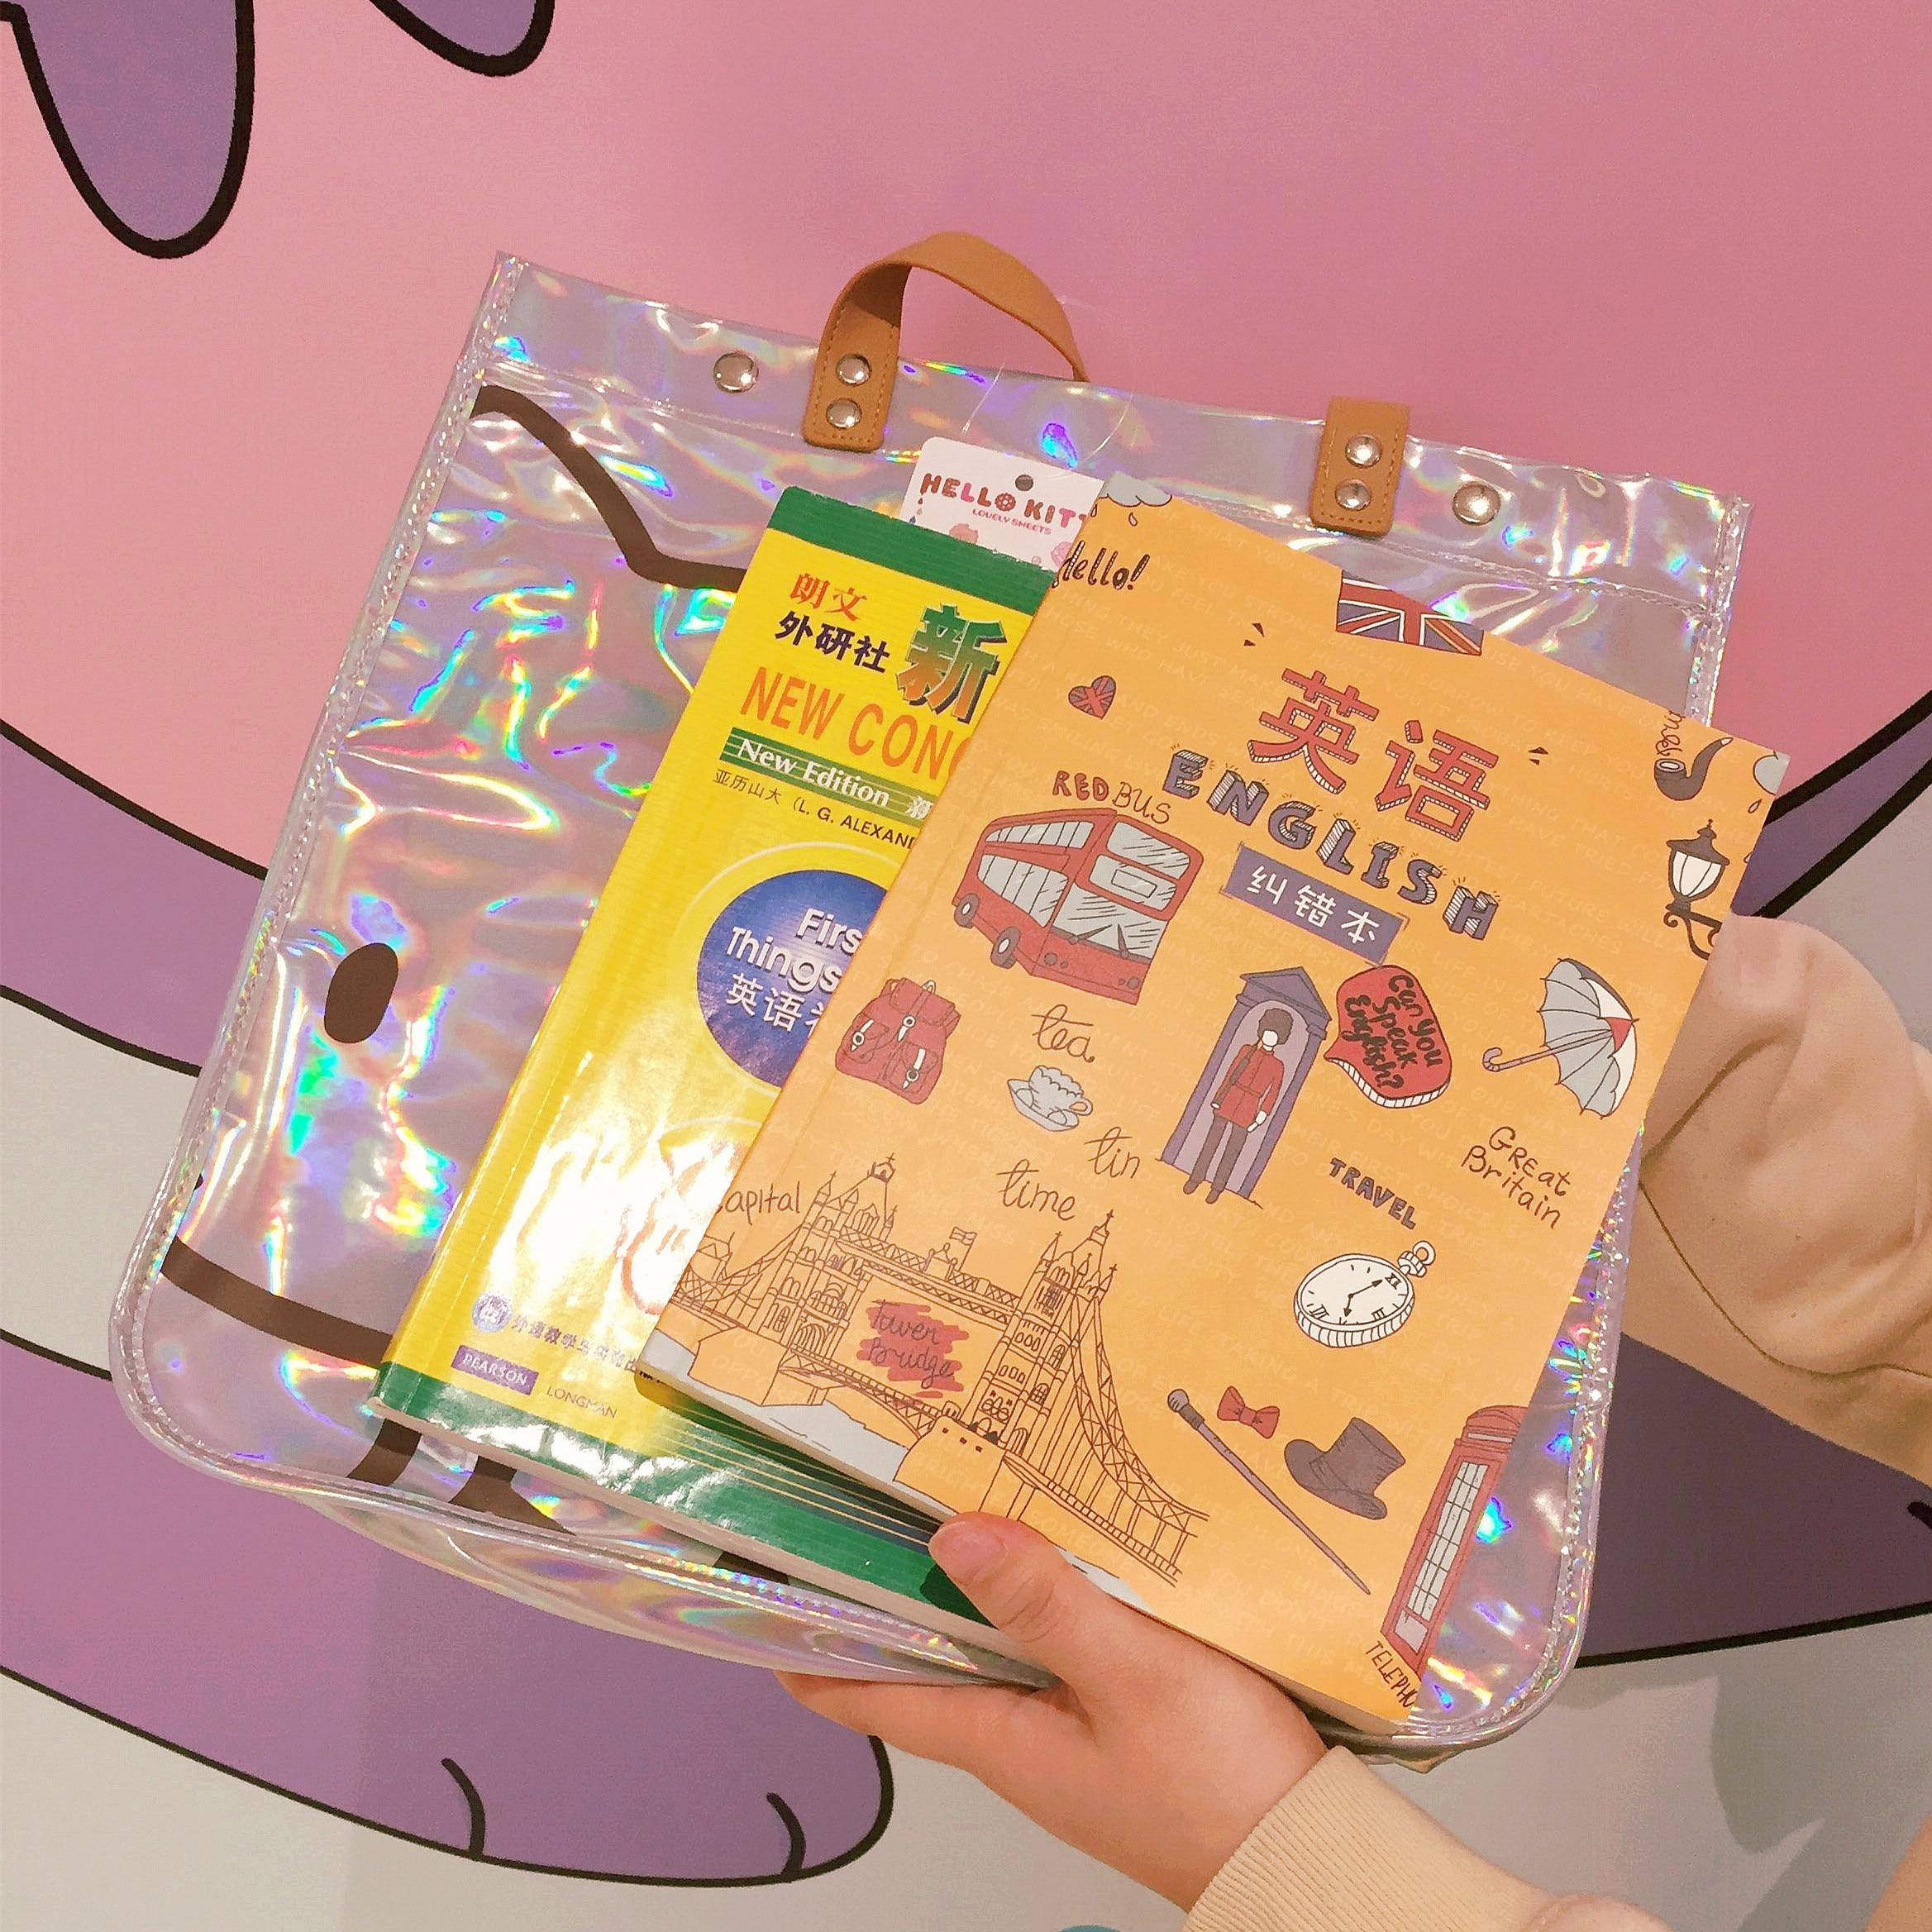 Femmes sac à main Kitty chat éblouissement Laser épaule sac à main imperméable à l'eau grands sacs de créateurs femmes en cuir PU sacs à main et sacs à main de mode - 3